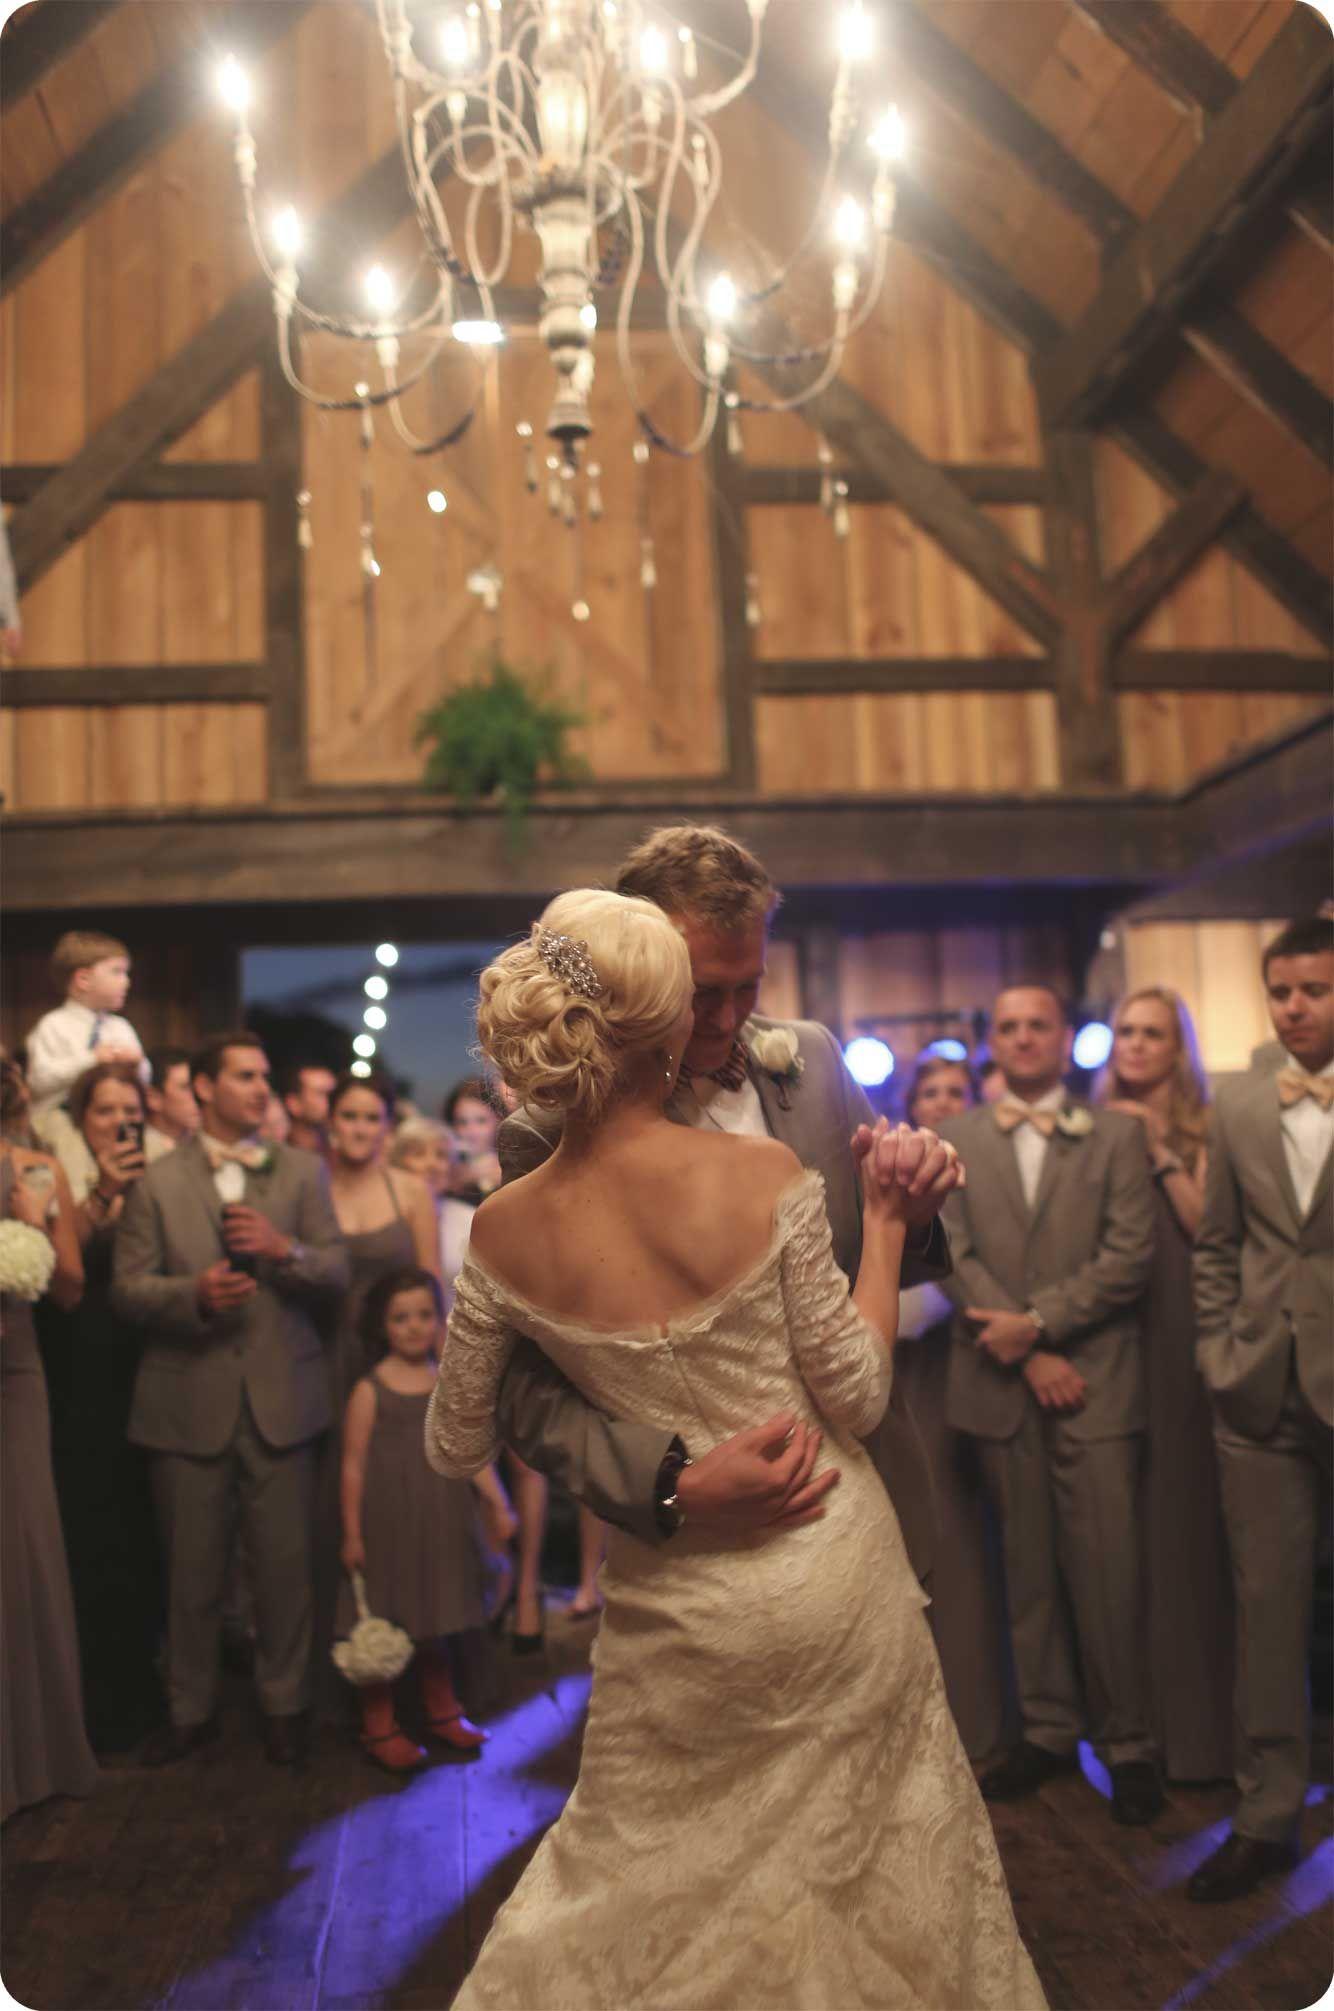 Farm Wedding Venues in Alabama Michael Wedding Barn